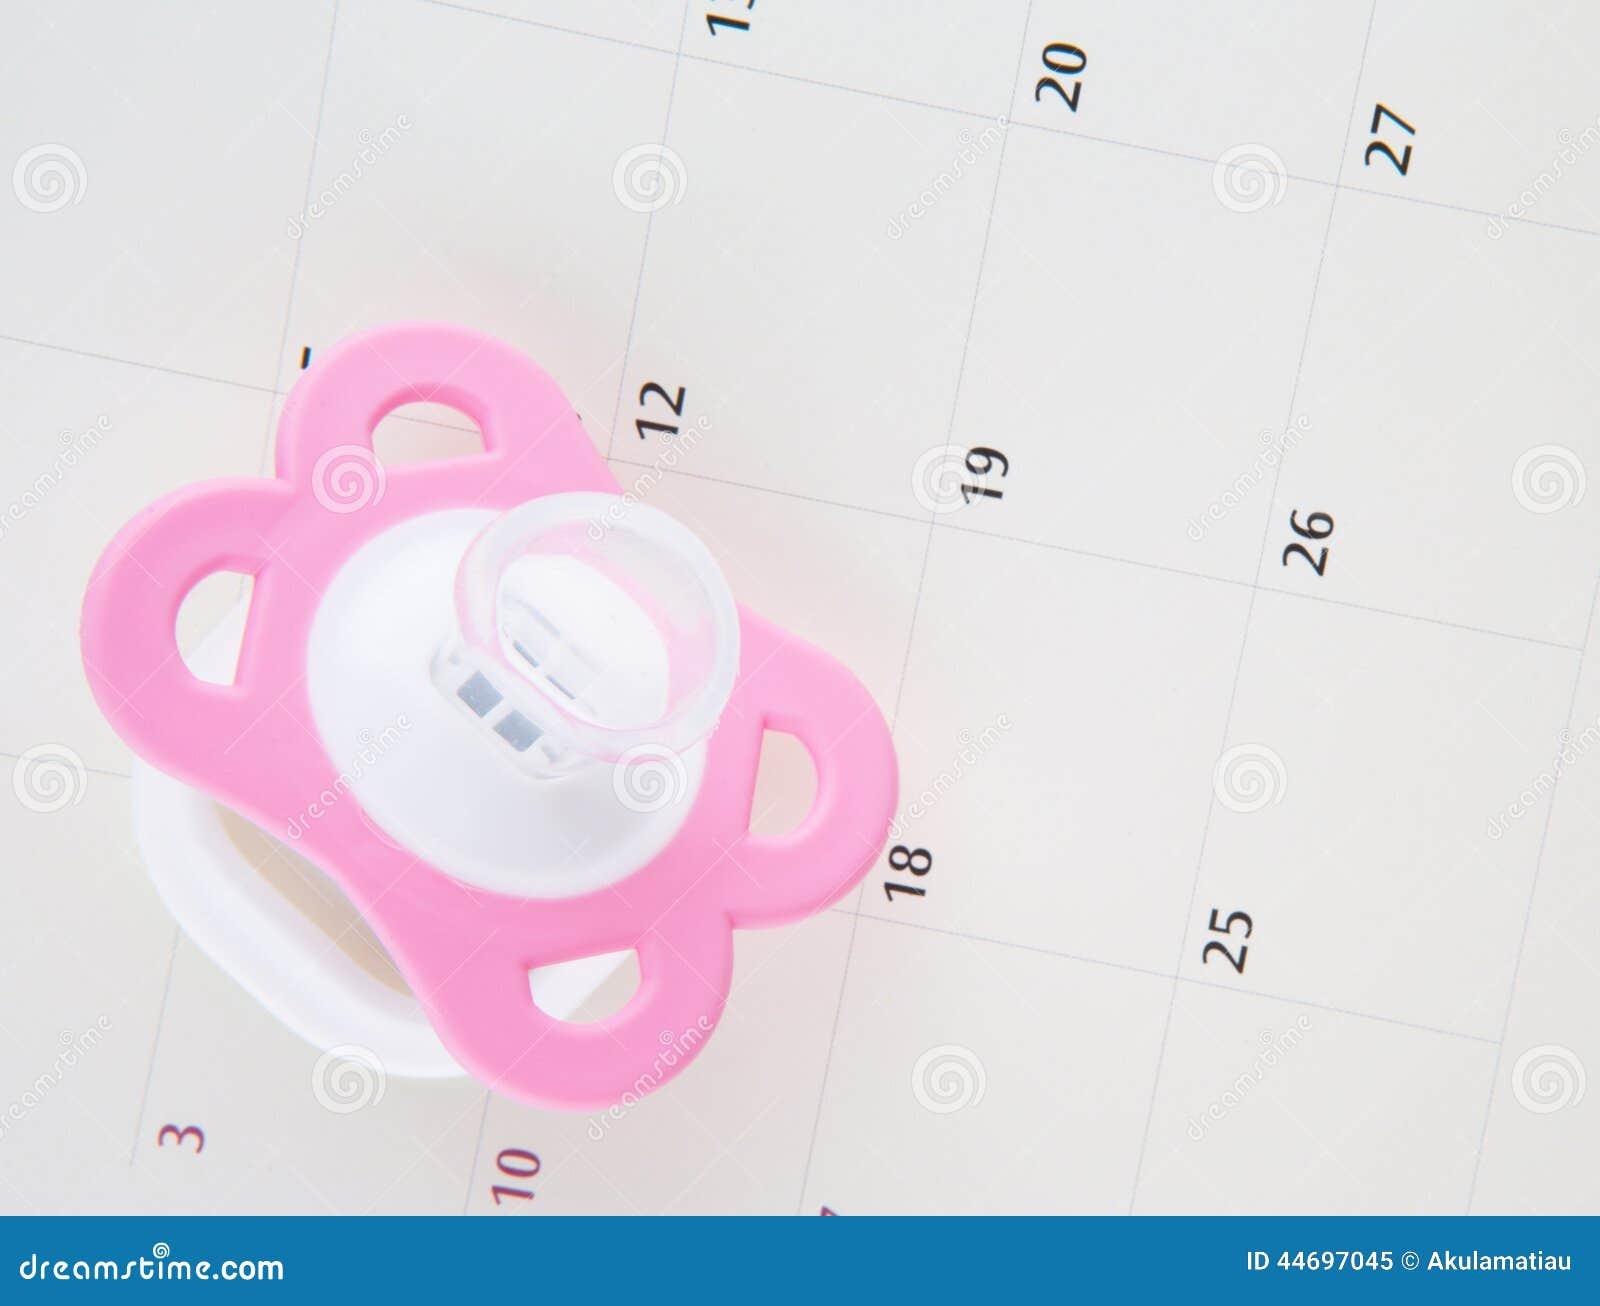 Pregnancy calendar by due date in Brisbane